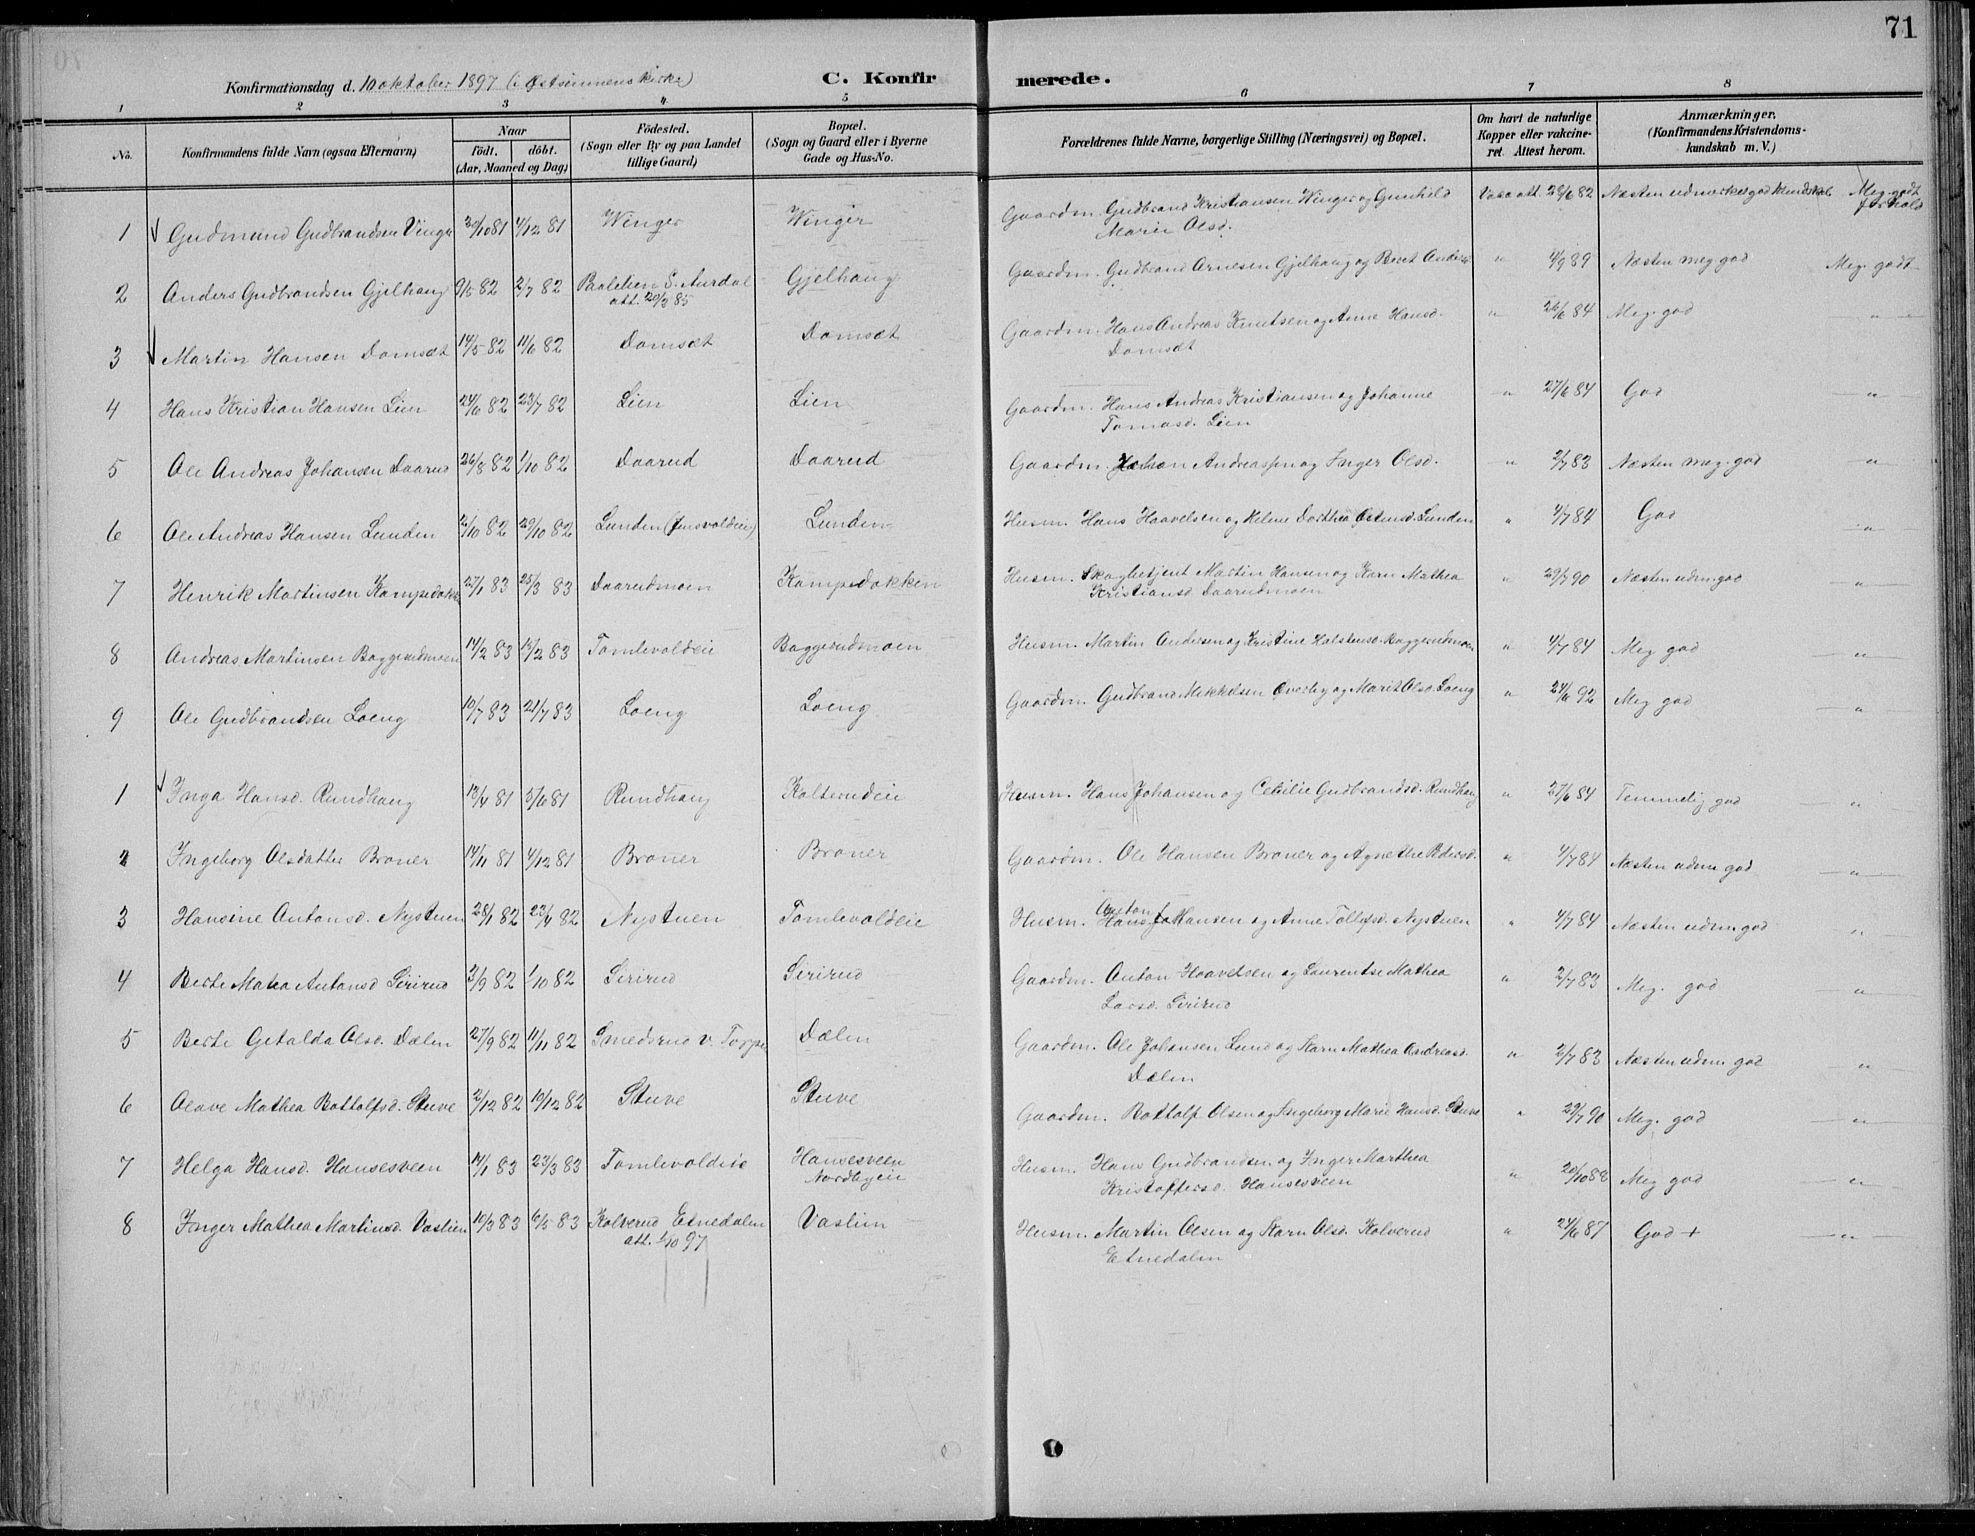 SAH, Nordre Land prestekontor, Klokkerbok nr. 13, 1891-1904, s. 71